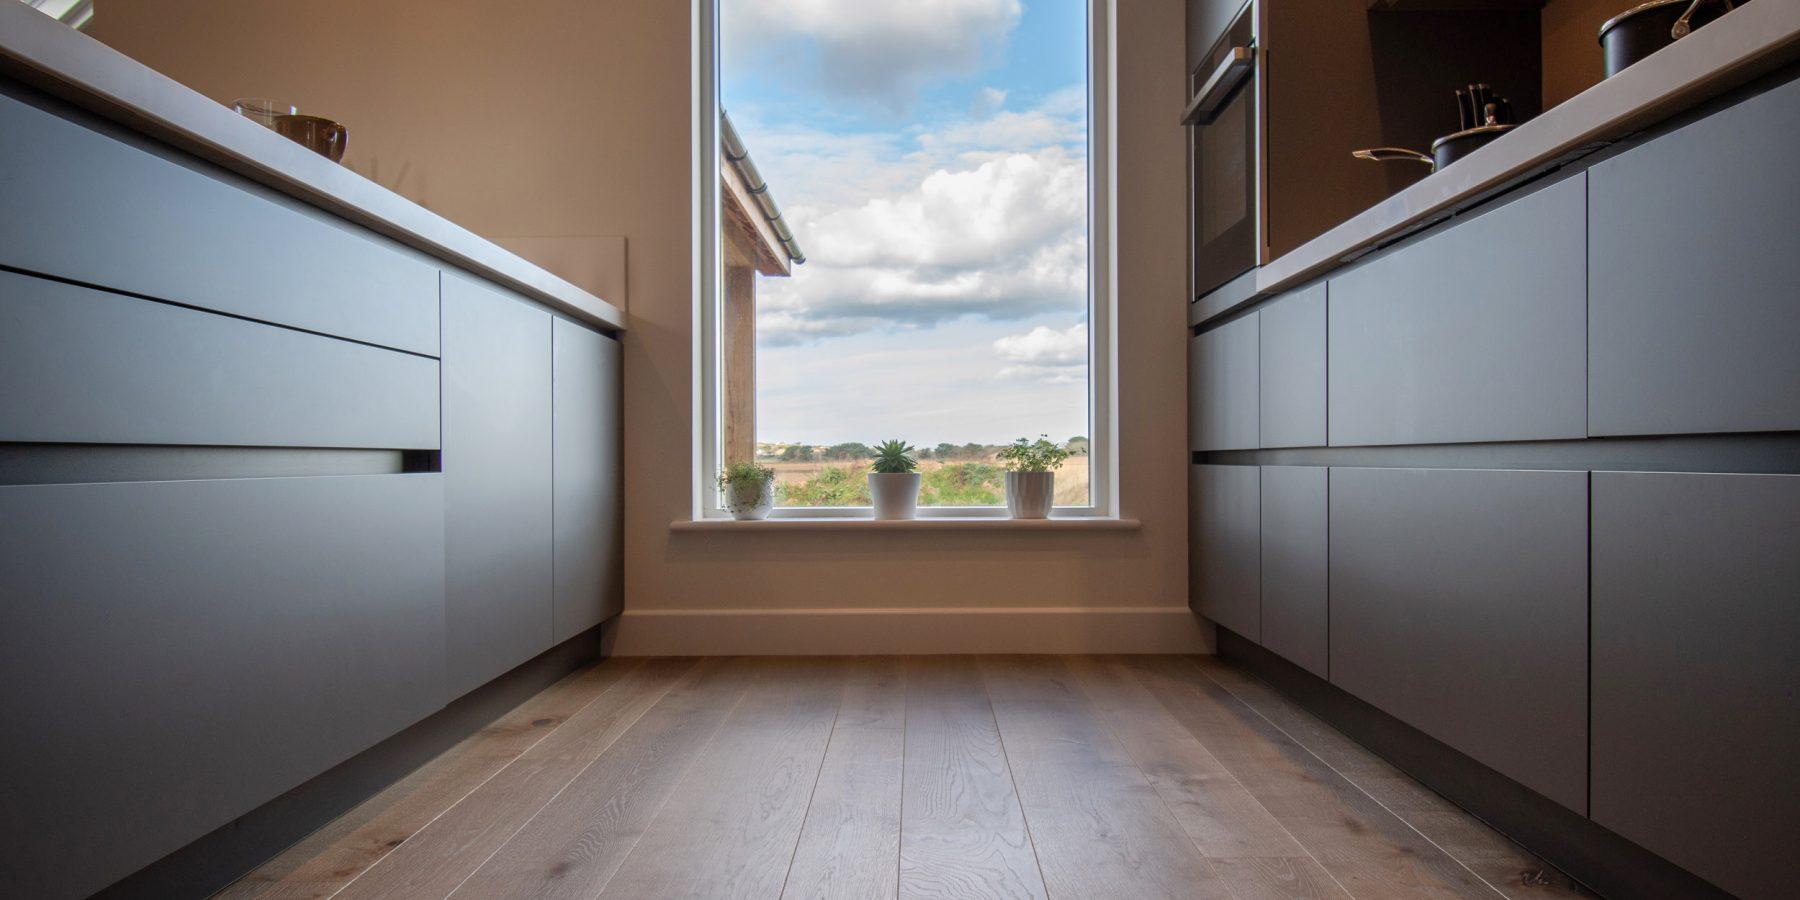 Window in a dark kitchen with a wood floor